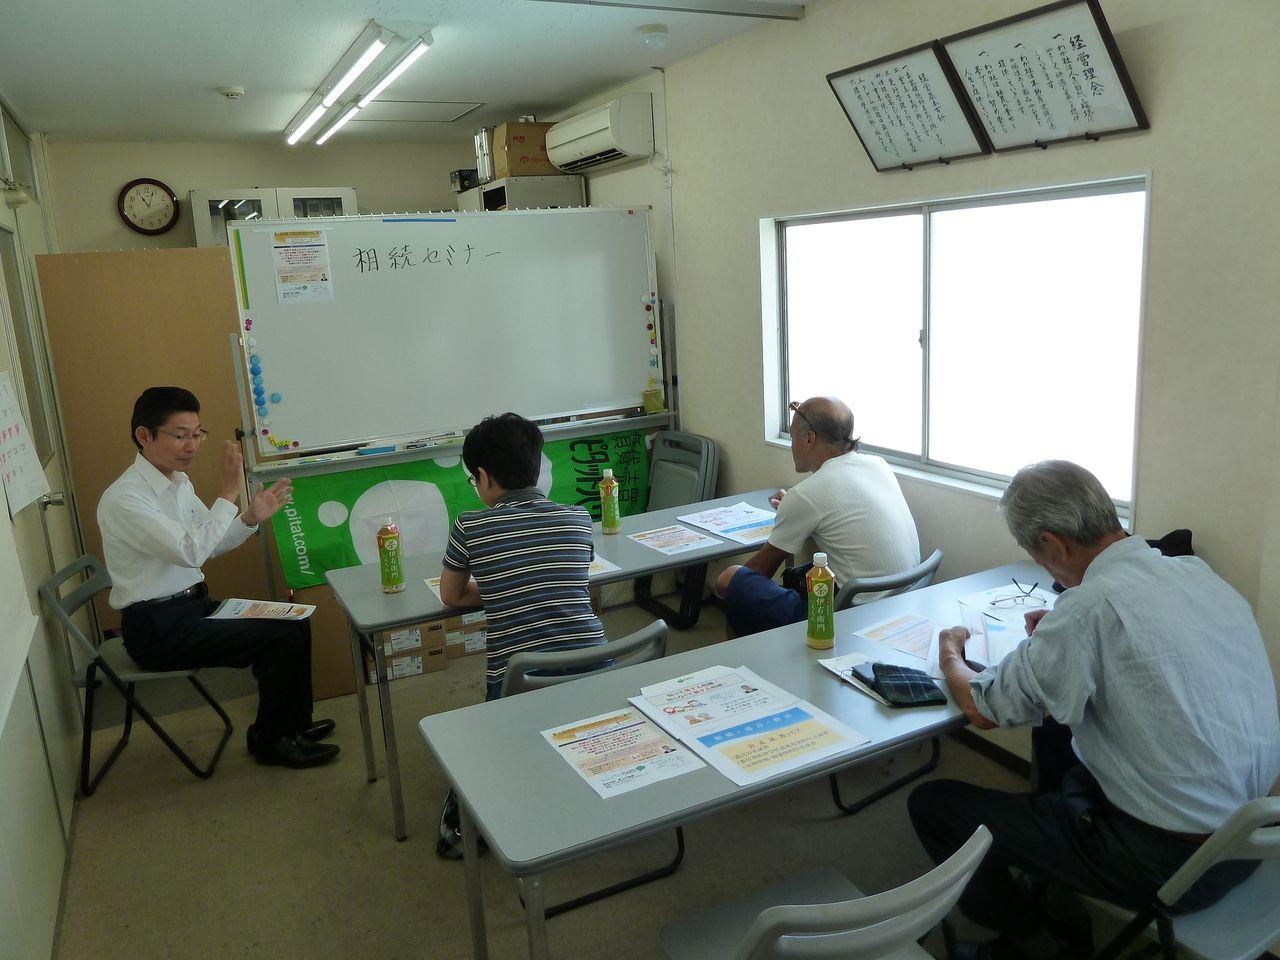 第94回 東上不動産セミナーは 東上友の会 相続セミナー開催しました!